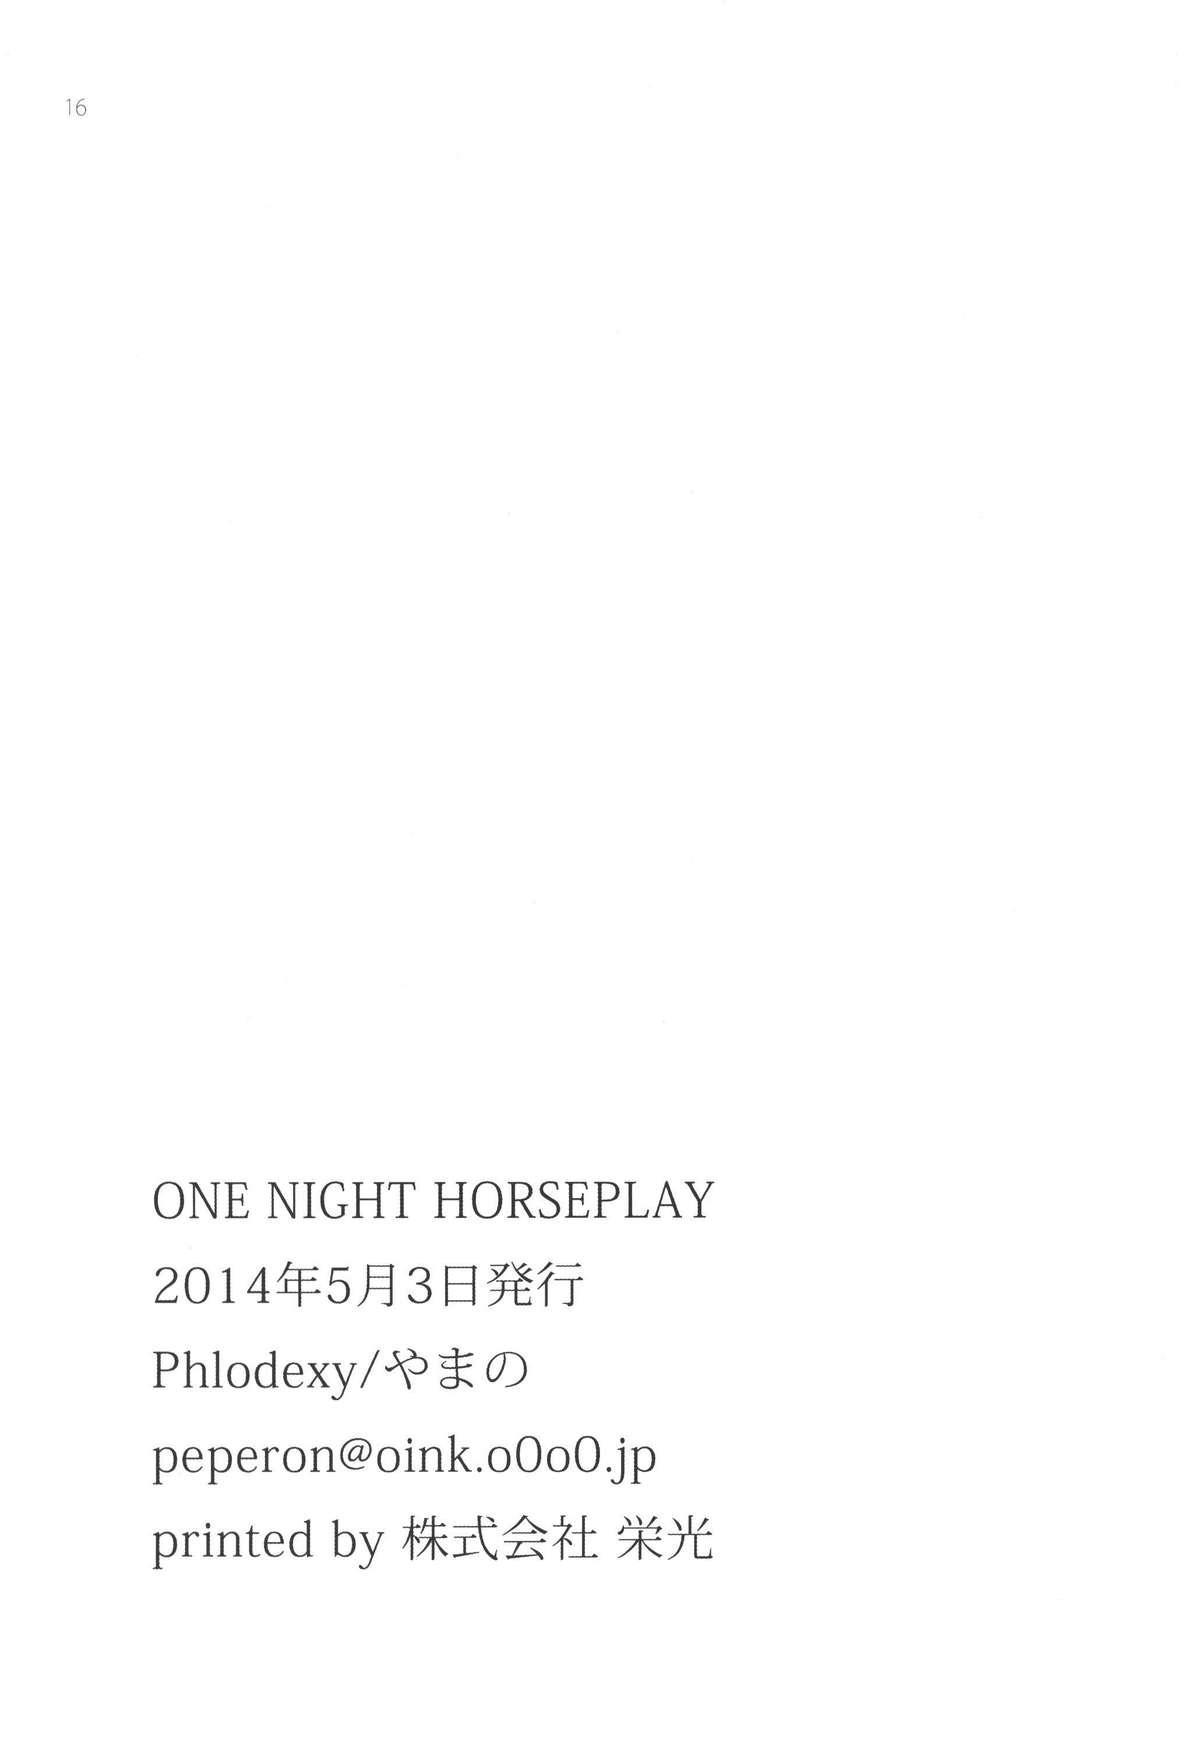 ONE NIGHT HORSEPLAY 16